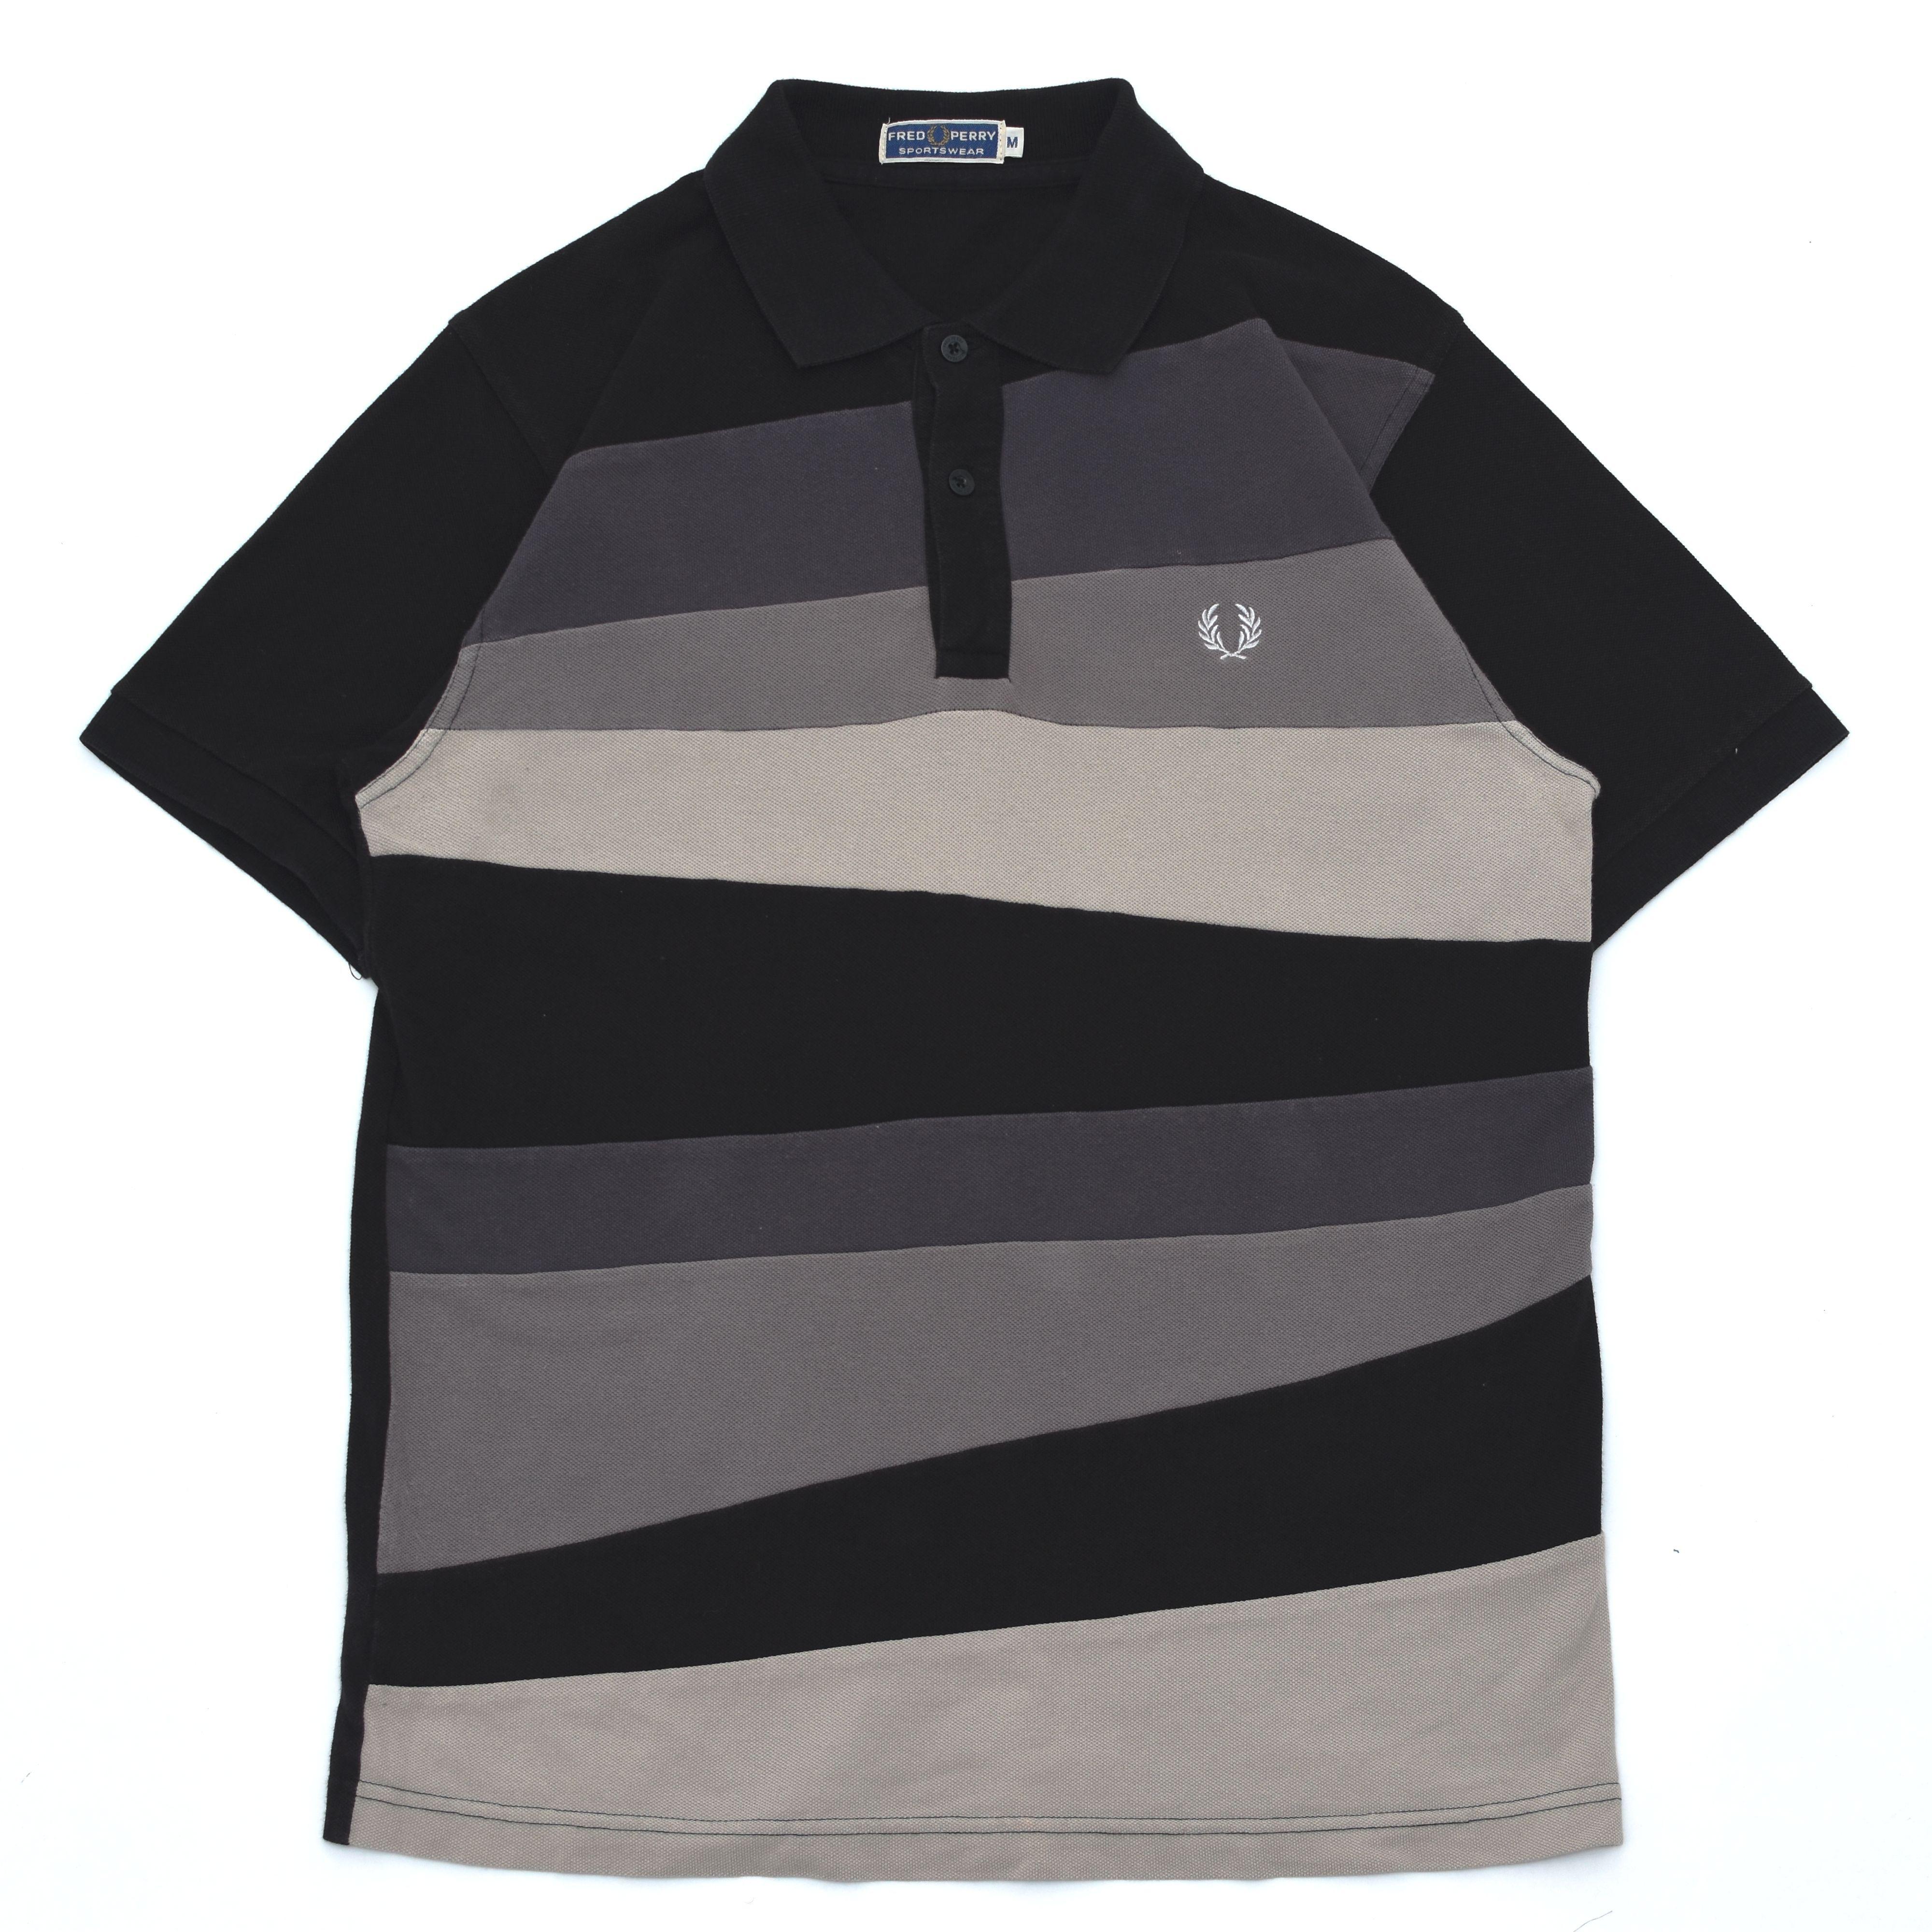 Fred perry swiching pattern polo shirt